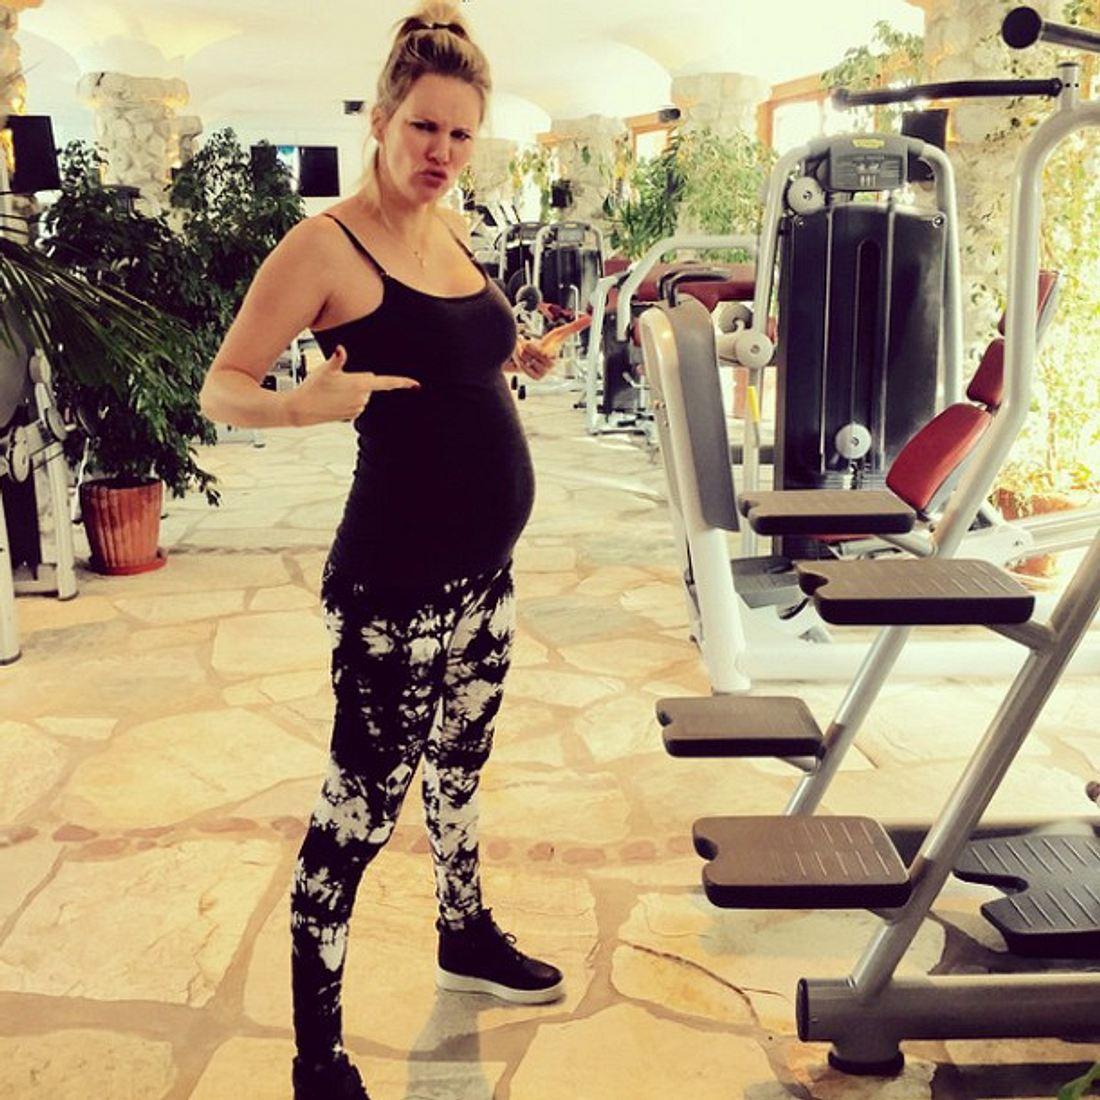 Monica Ivancan geht auch mit Babybauch noch zum Fitness